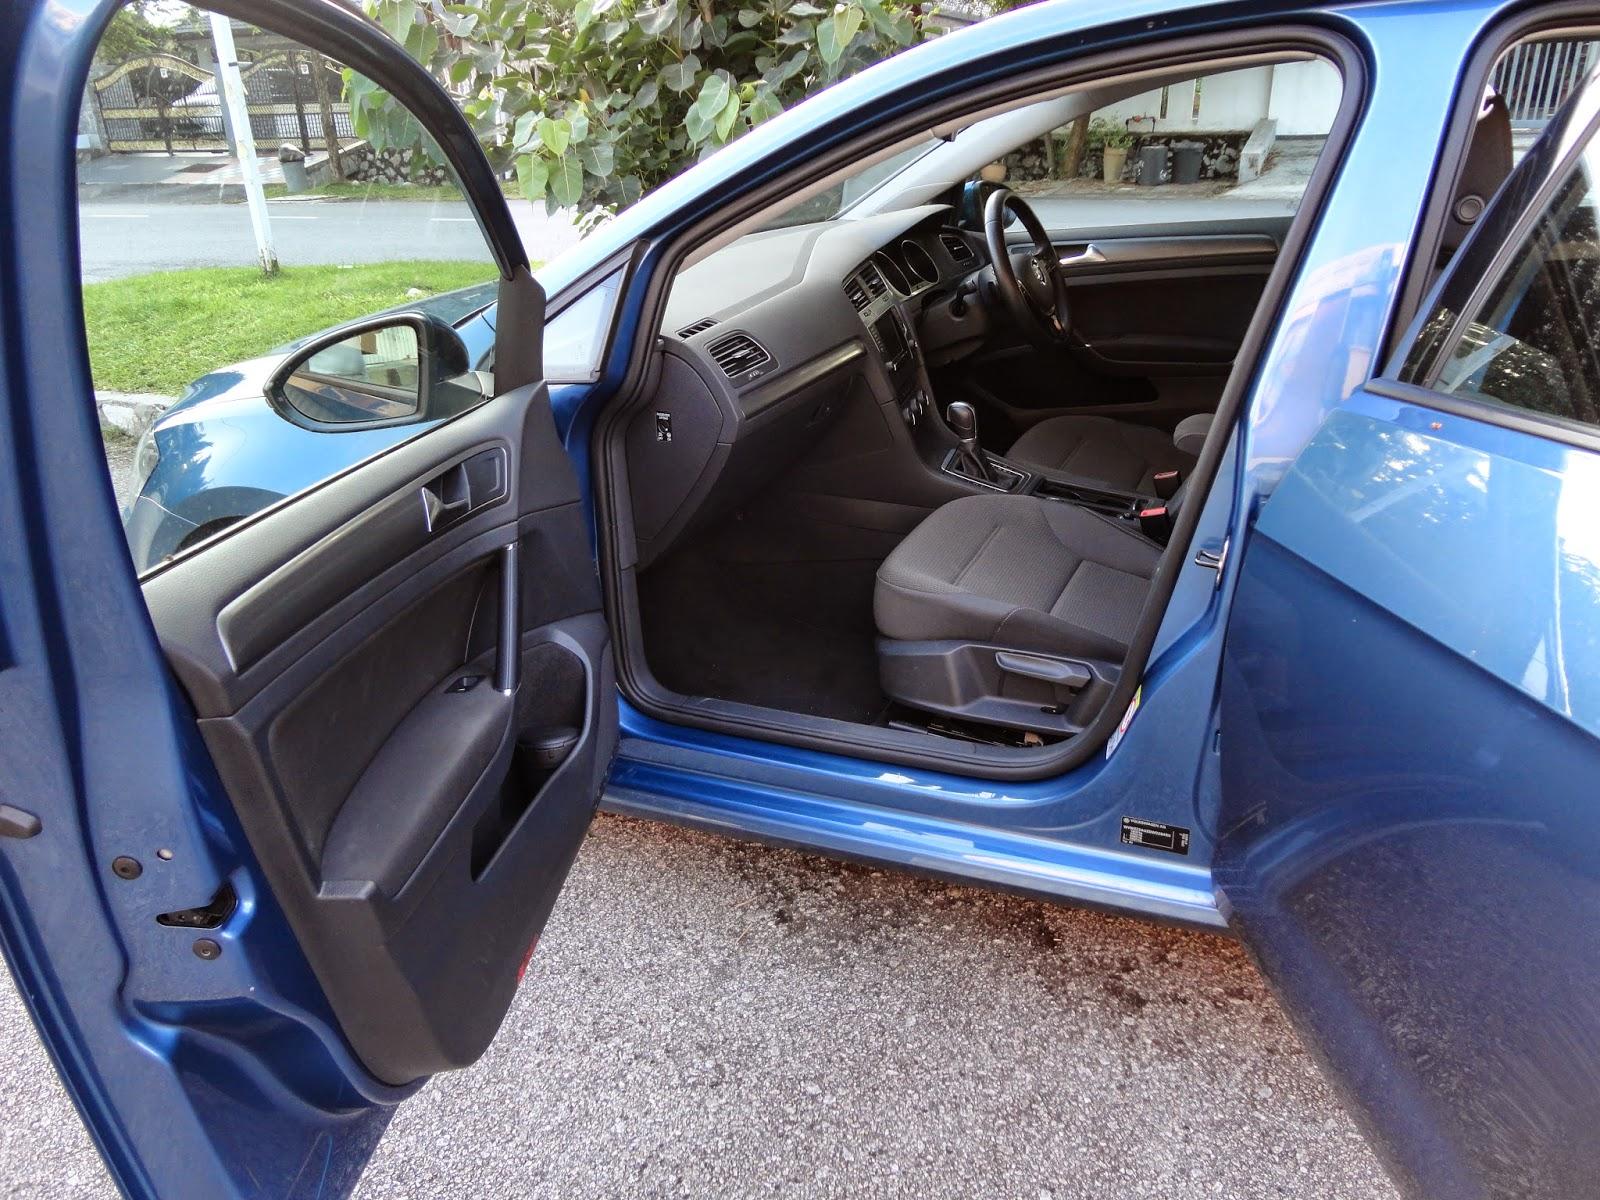 Dán phim cách nhiệt Llumar cho xe hơi ( ô tô) tại Quận 1